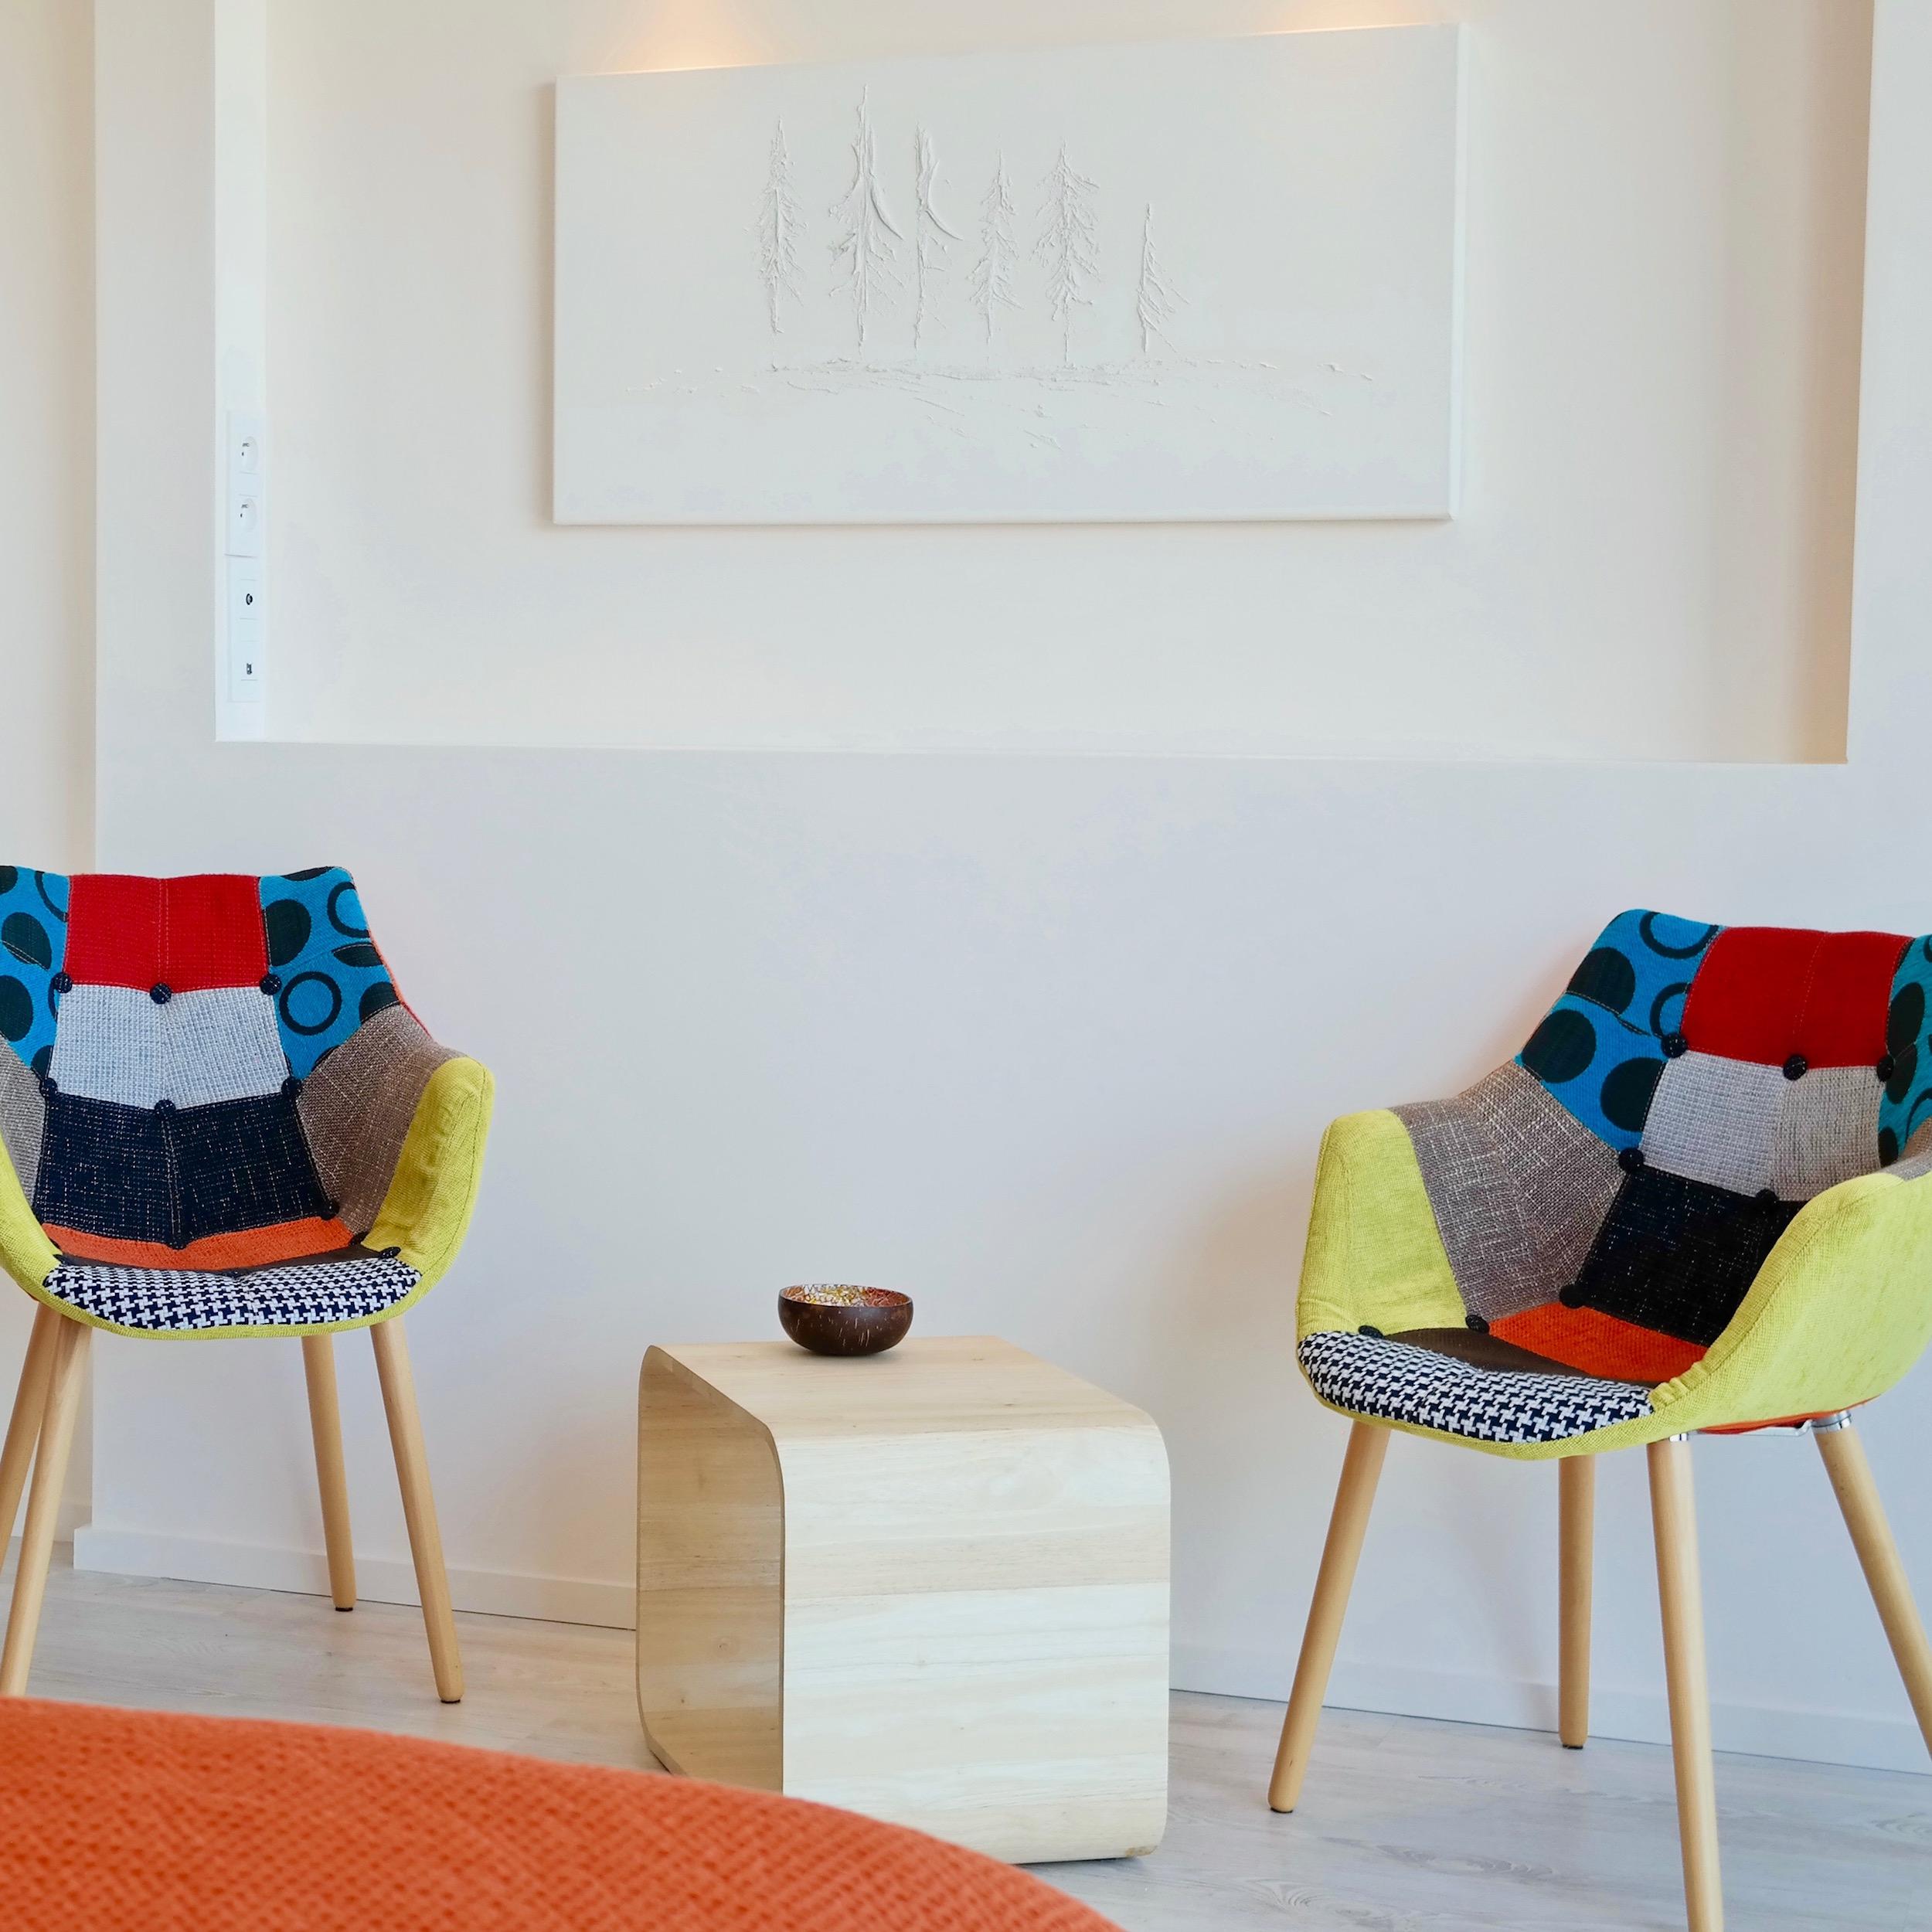 Idéalement située au cœur de la nature, les chambres d'hôtes de la Villa-Lascaux sont à votre disposition.